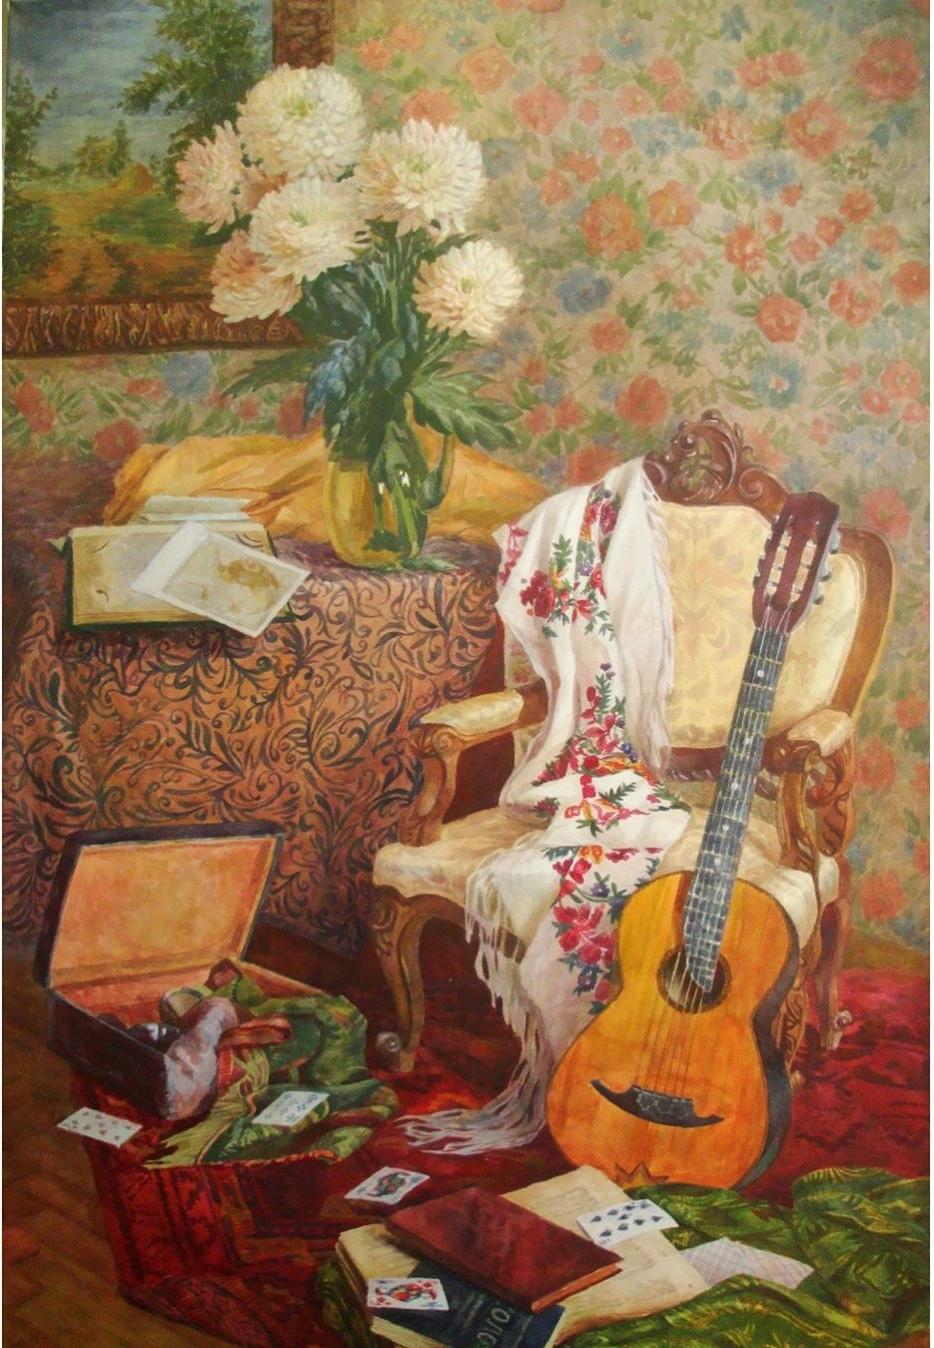 Marina Sergeeva. Interior still life